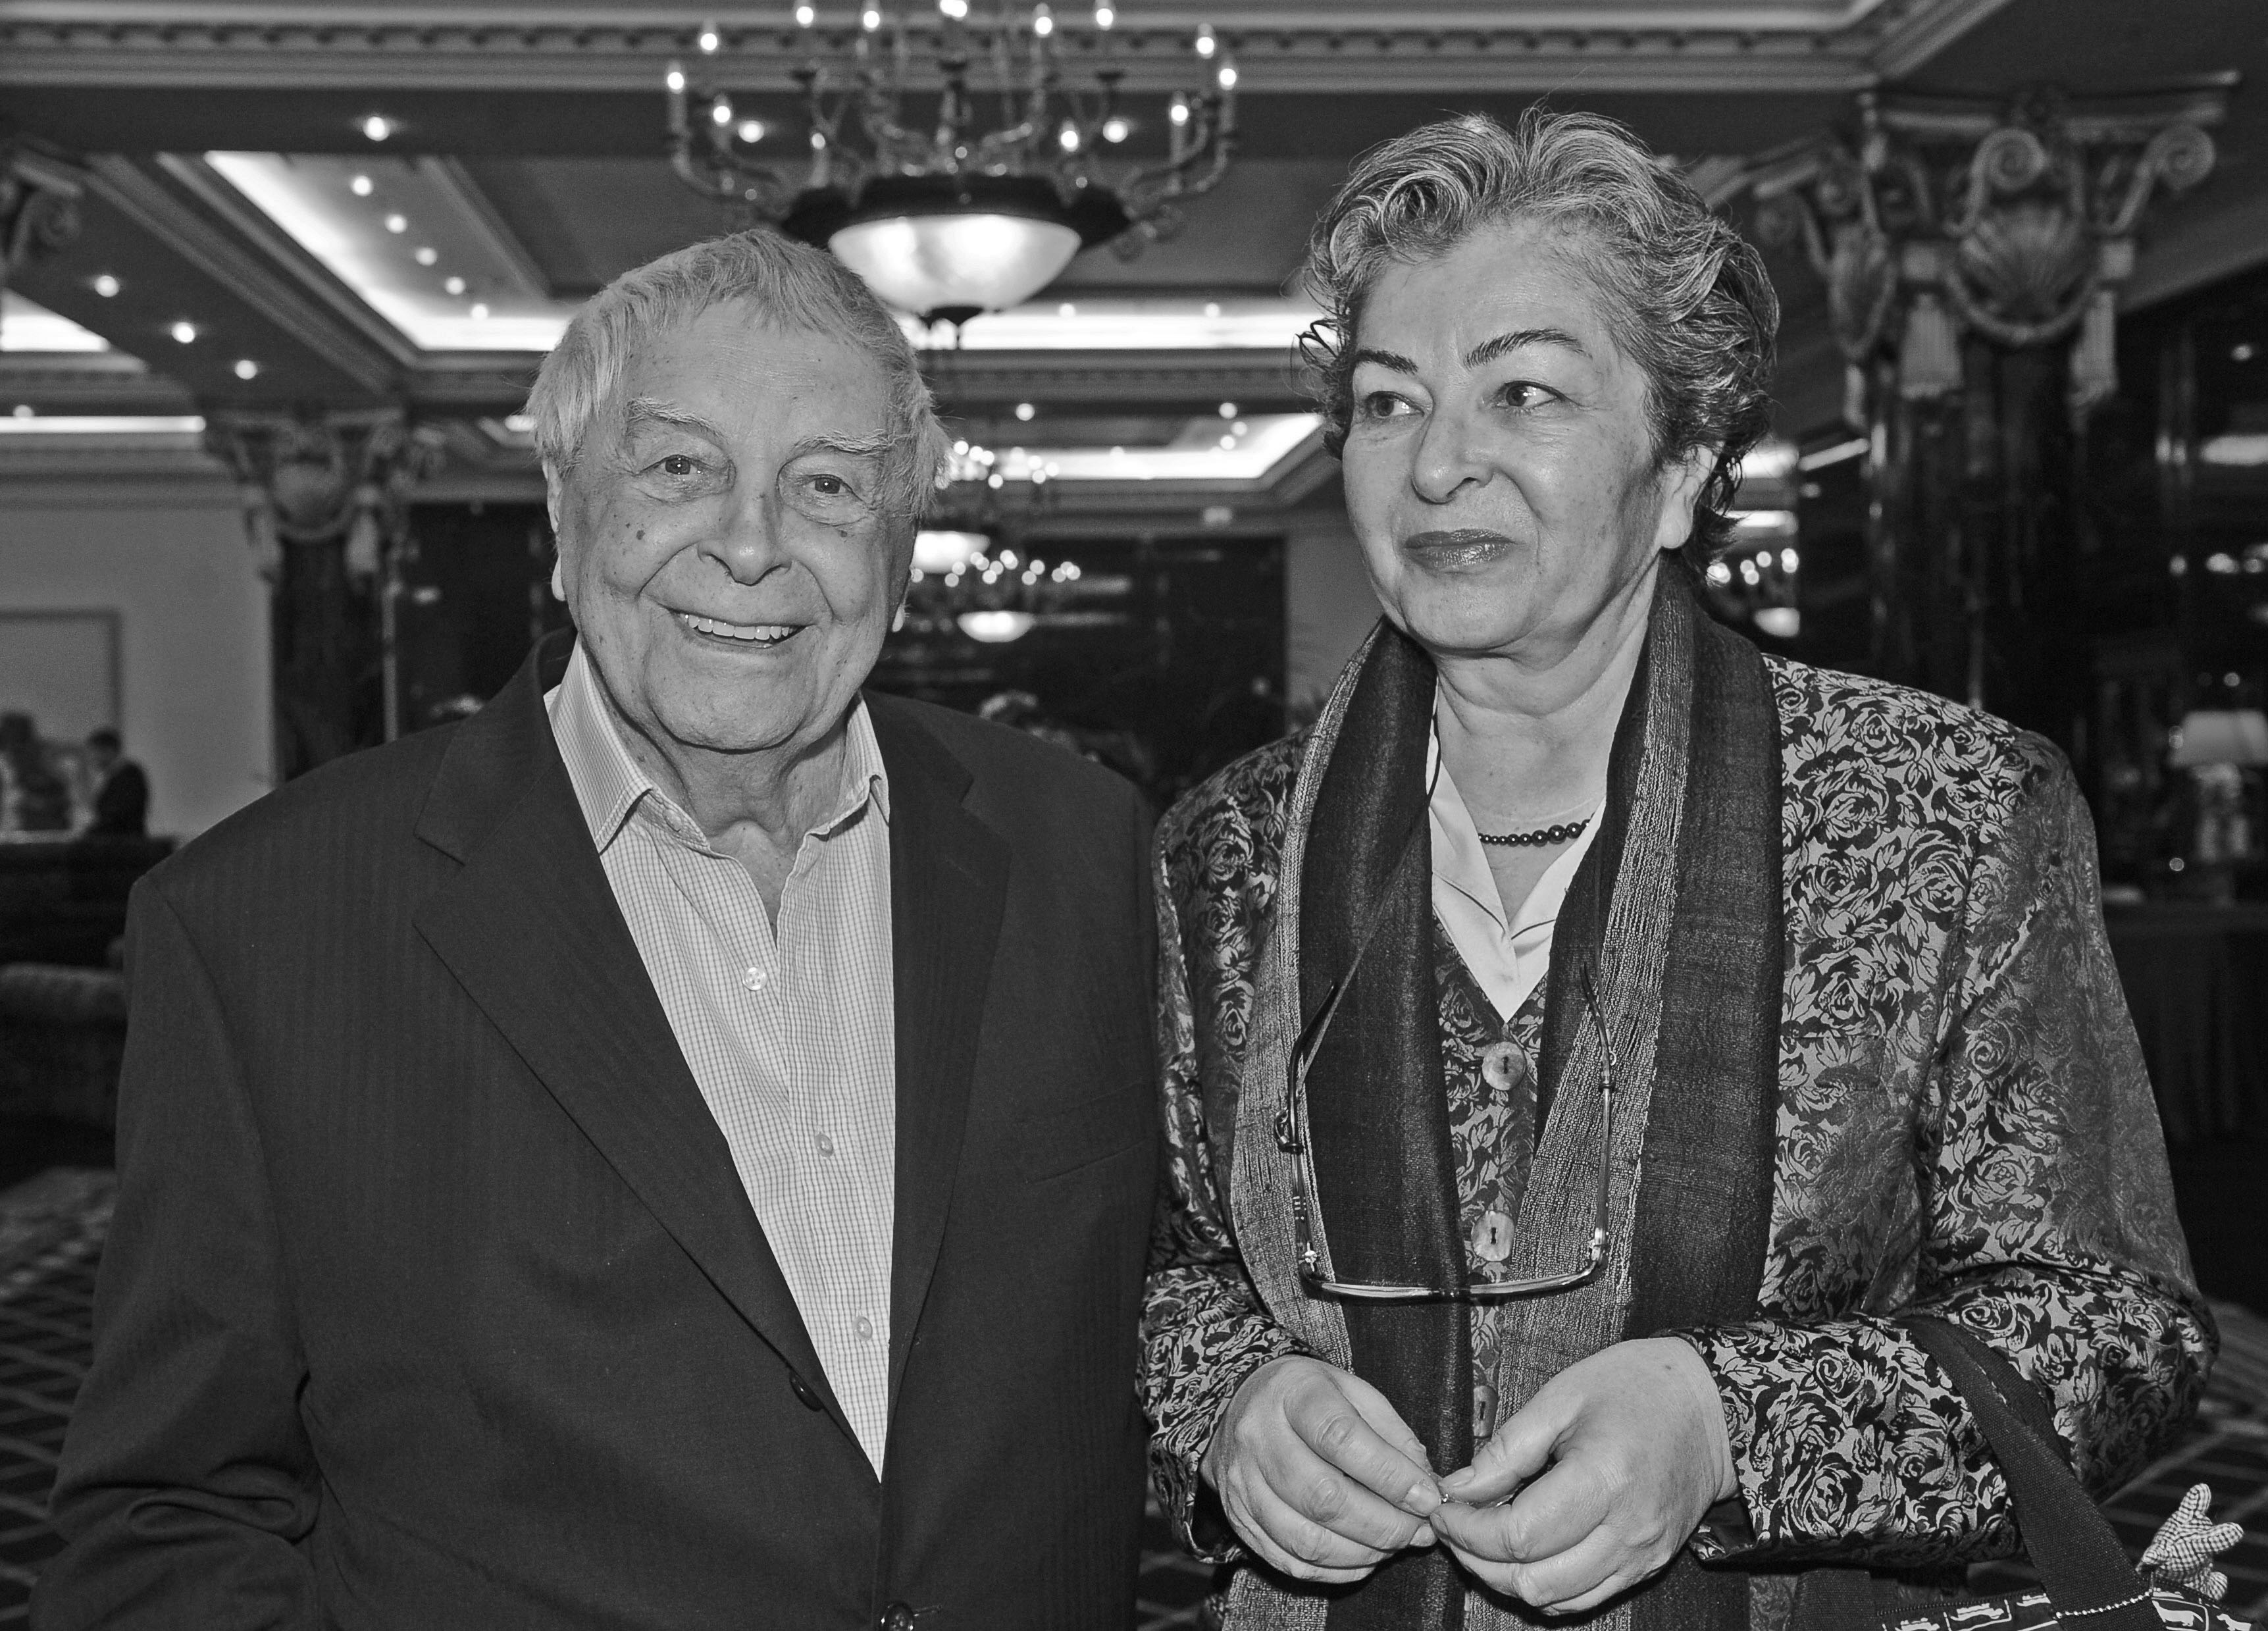 ユーリ・リュビーモフとカタリーナ・クンツ // ユーリ・リュビーモフはソビエトとロシアの舞台俳優で、彼自身が創設し、国際的に著名なタガンカ劇場の監督を務めた。彼は、ロシア演劇界の代表的人物の一人である。ハンガリーのツアー中、彼は当地のジャーナリスト、カタリーナ・クンツと知り合った。それ以来、2人はずっと一緒だ。2011年に発生したスキャンダル後に辞任するまでタガンカ劇場の支配人を務めたカタリーナと、同劇場に所属する俳優の間柄は困難で複雑であったが、彼らとリュビーモフの関係は未だに変化がない。